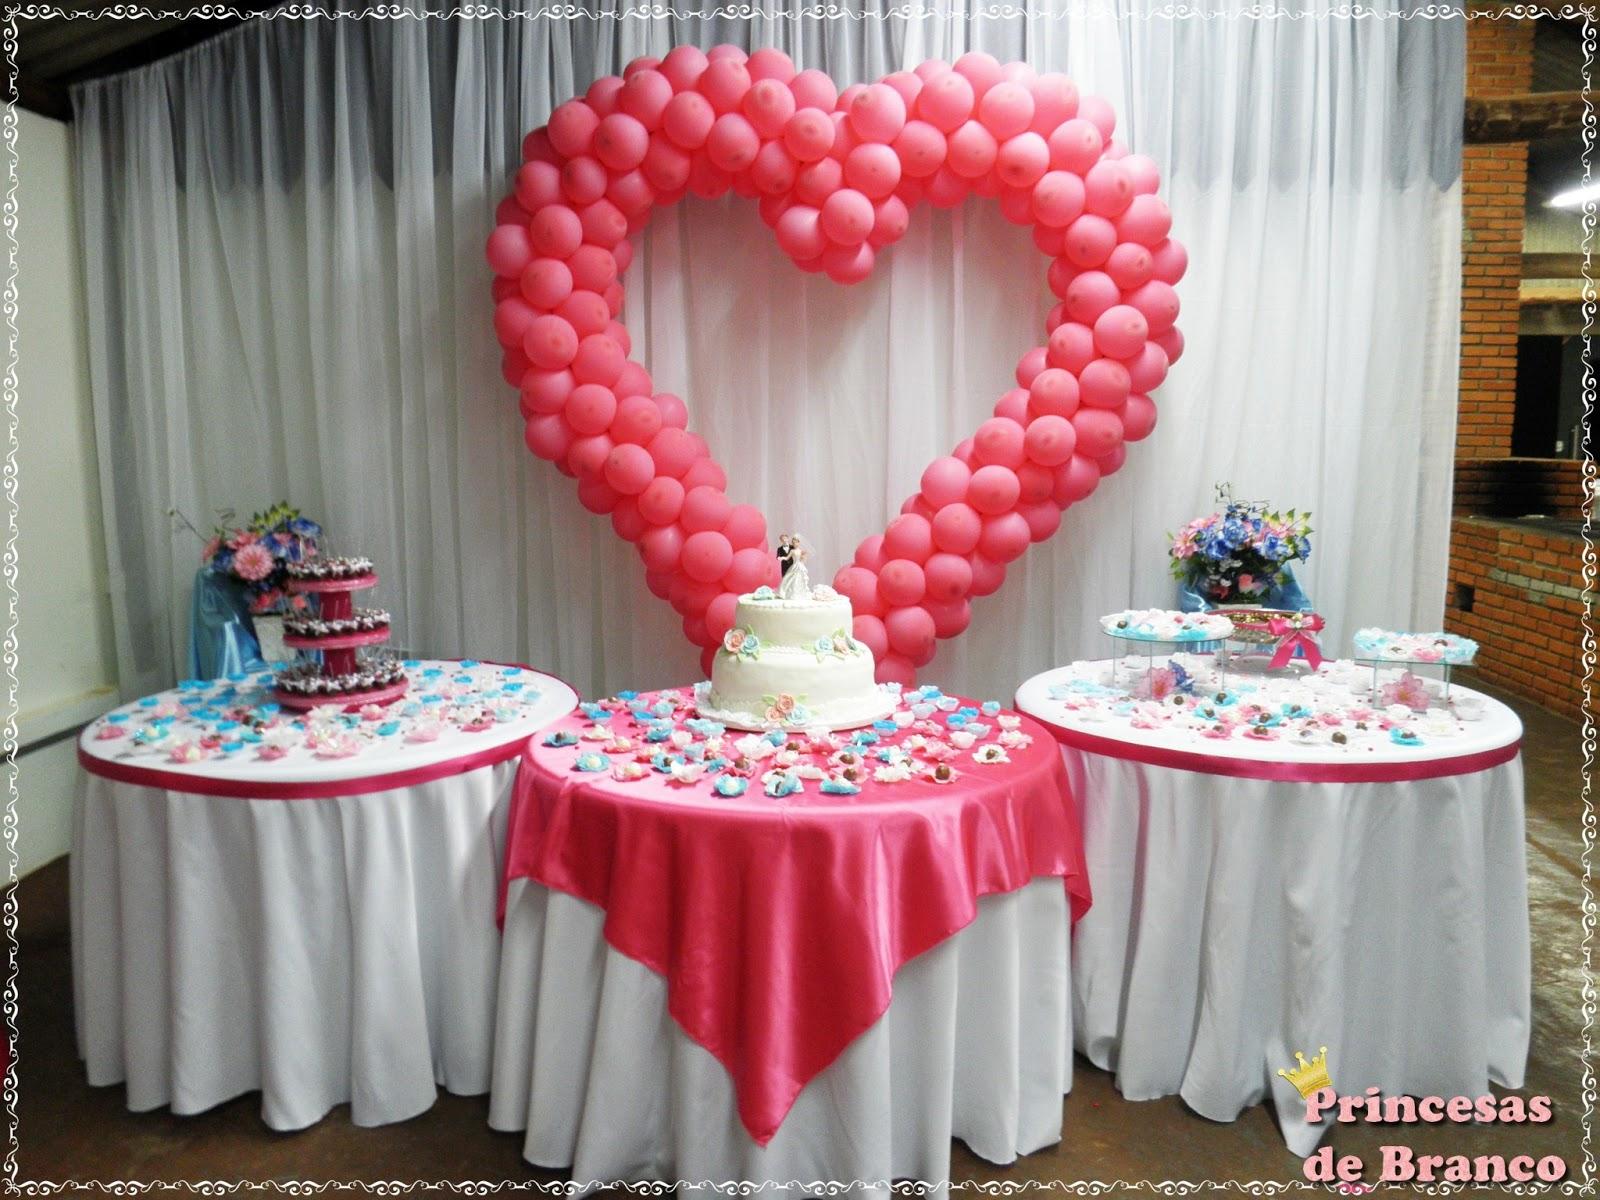 Princesas de branco decorando a mesa do bolo - Cortinas improvisadas ...